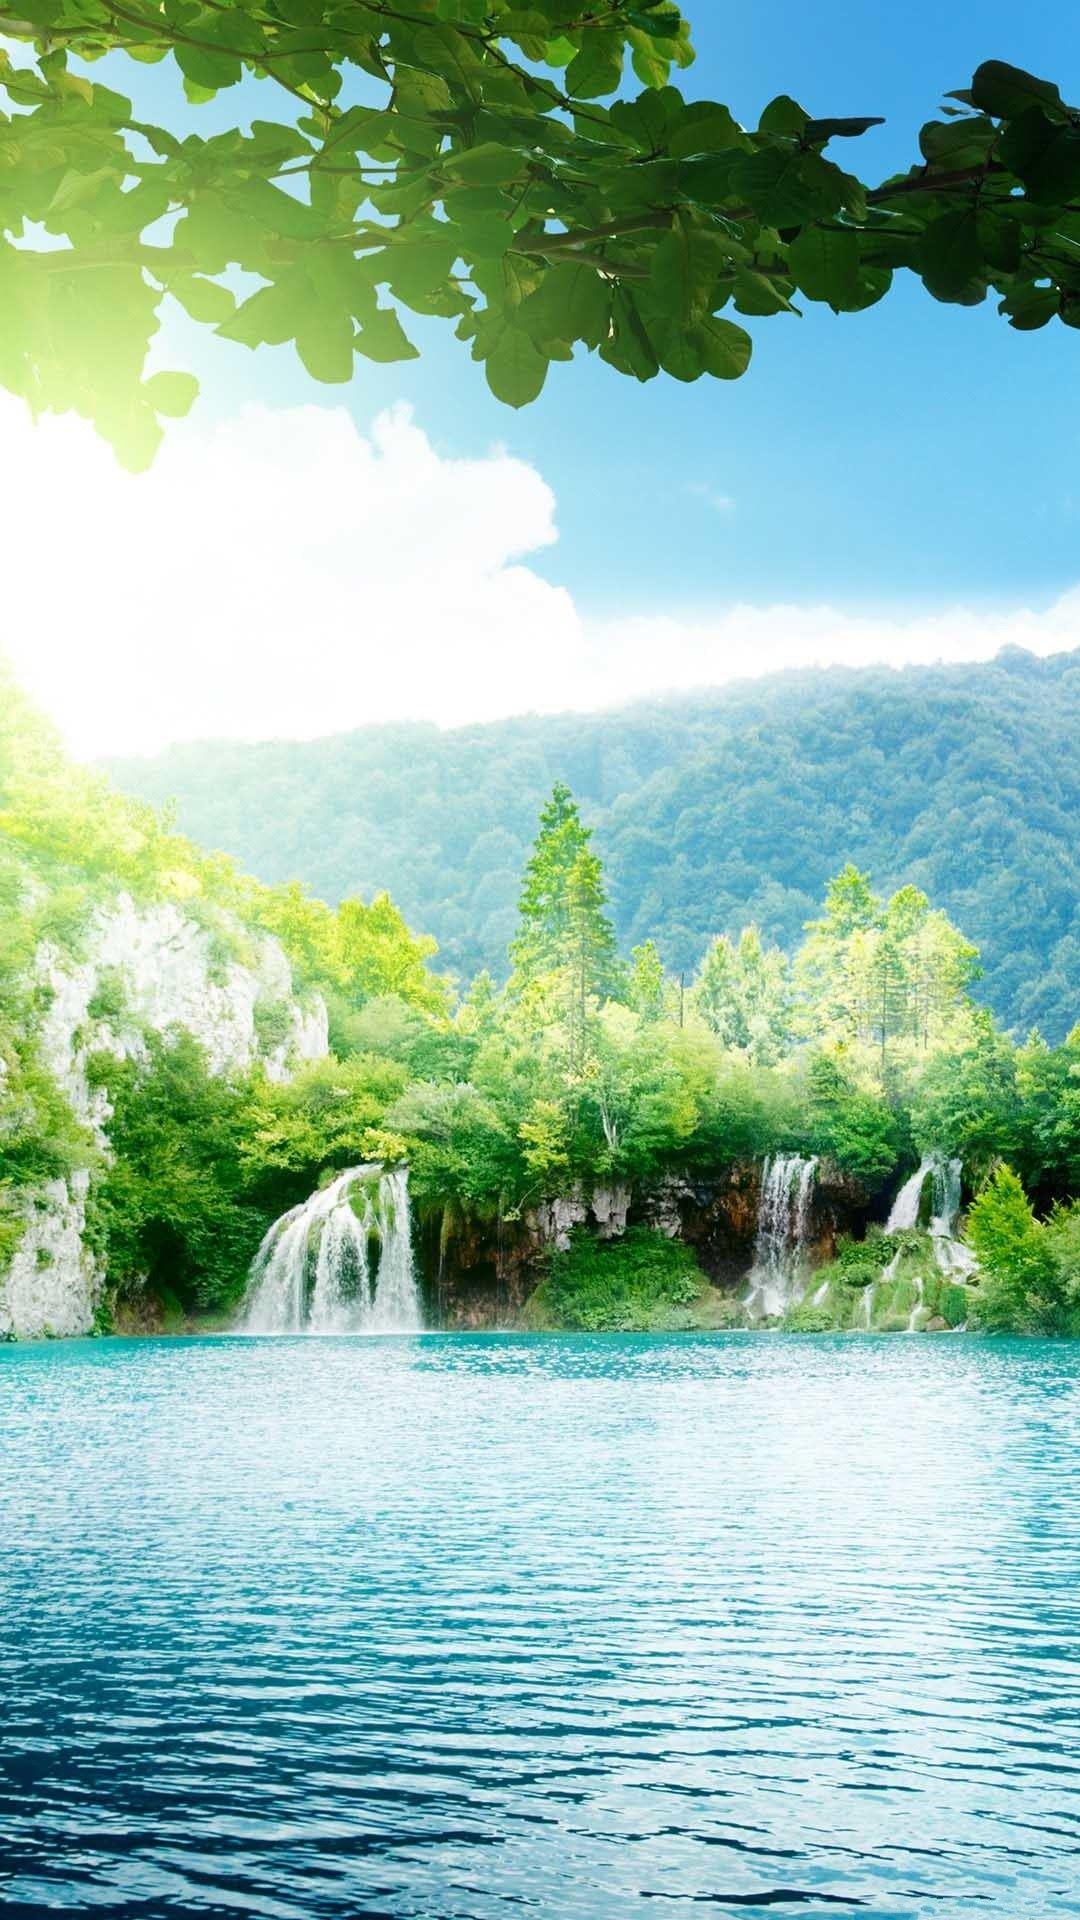 iPhone wallpaper waterfall lake Lake